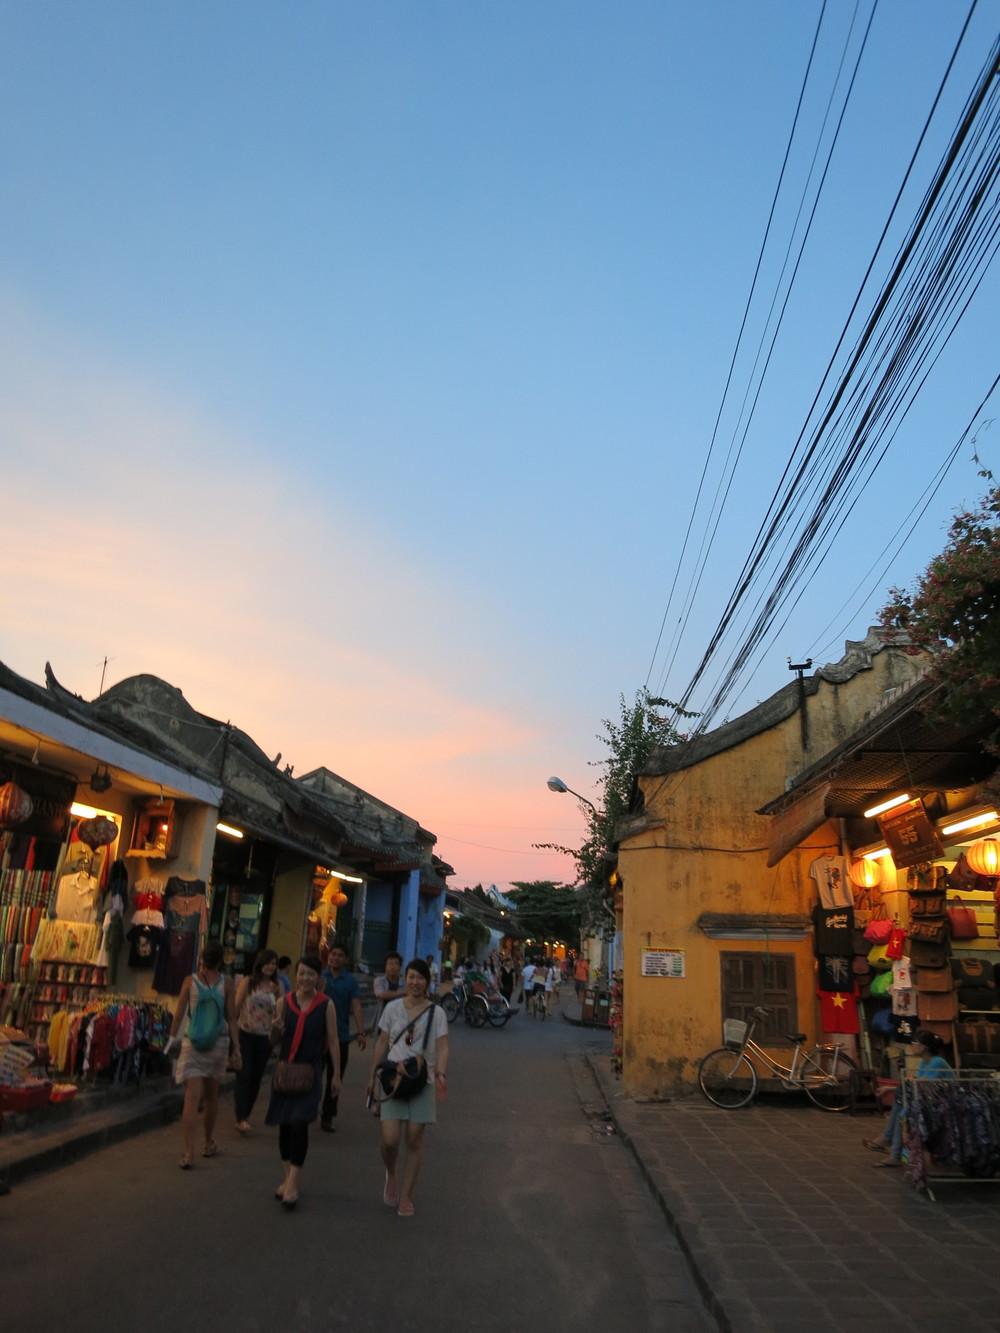 Hoi An at dusk